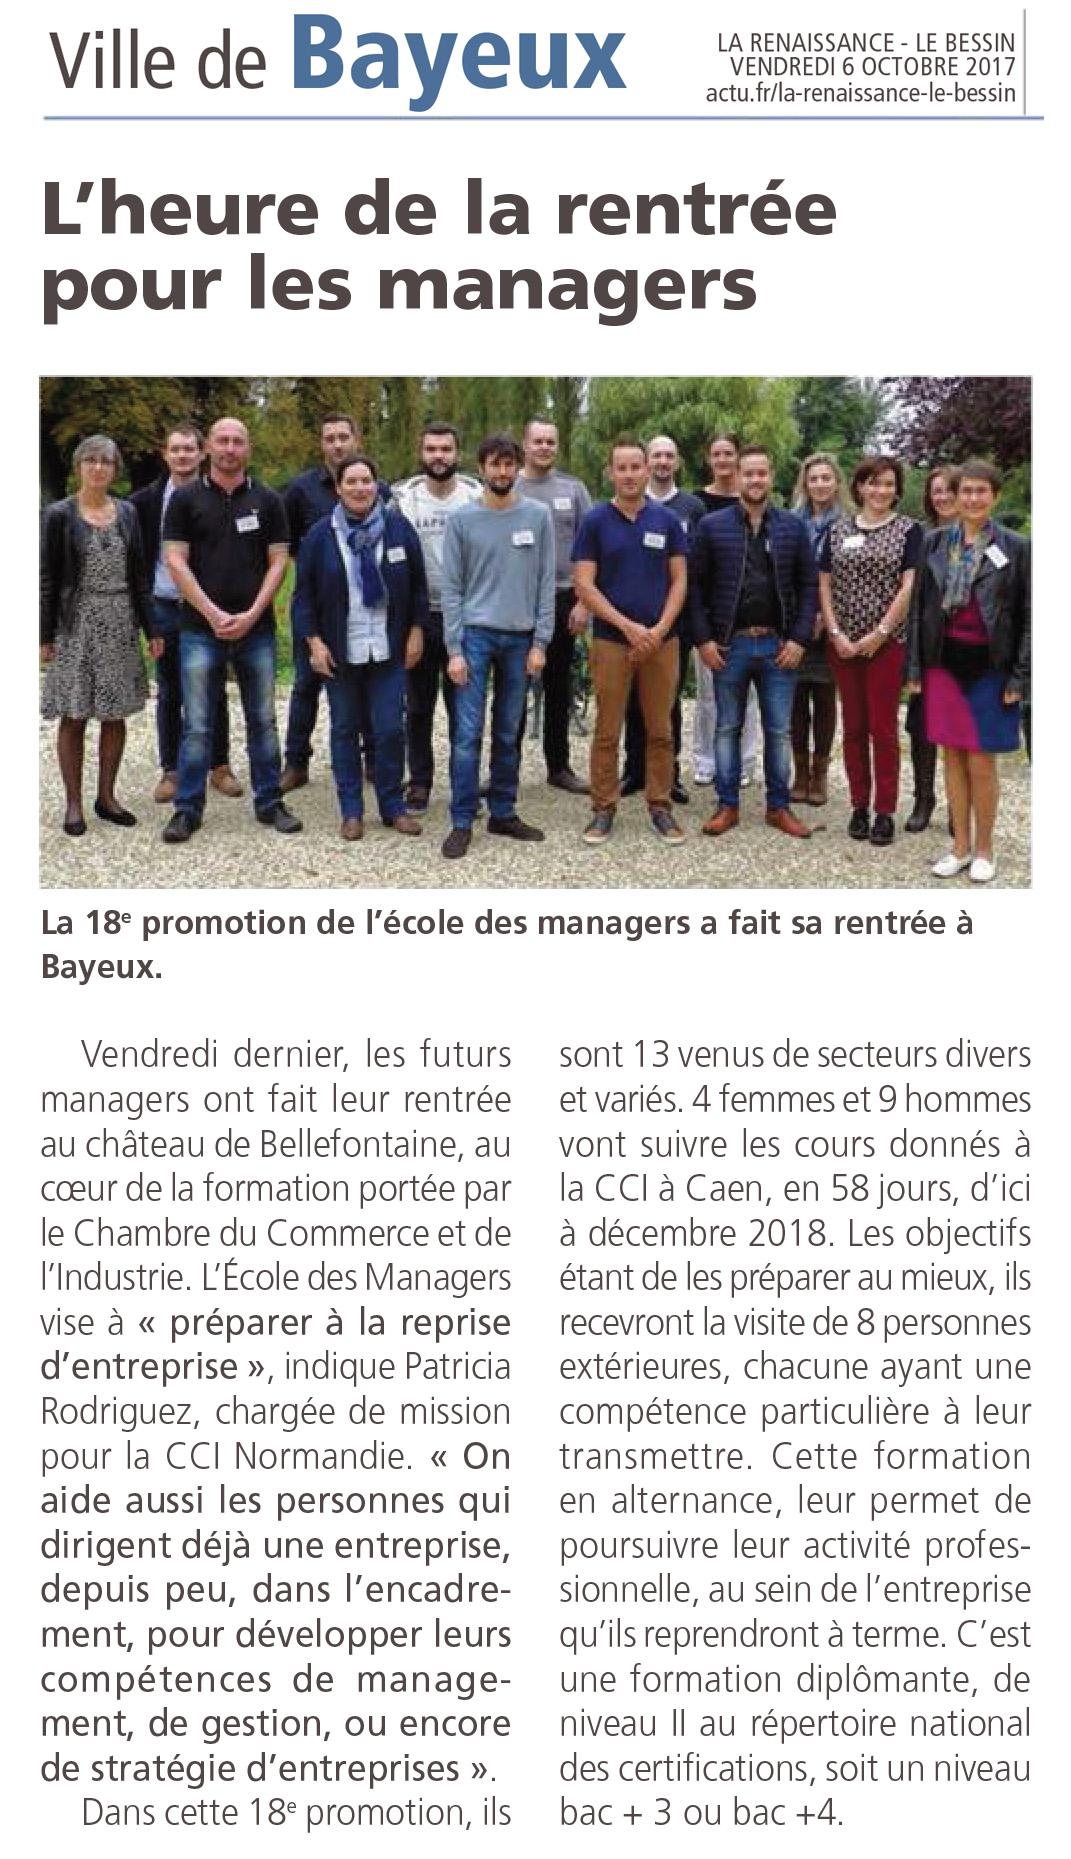 20171006_renaissance-du-bessin_ecole-manager